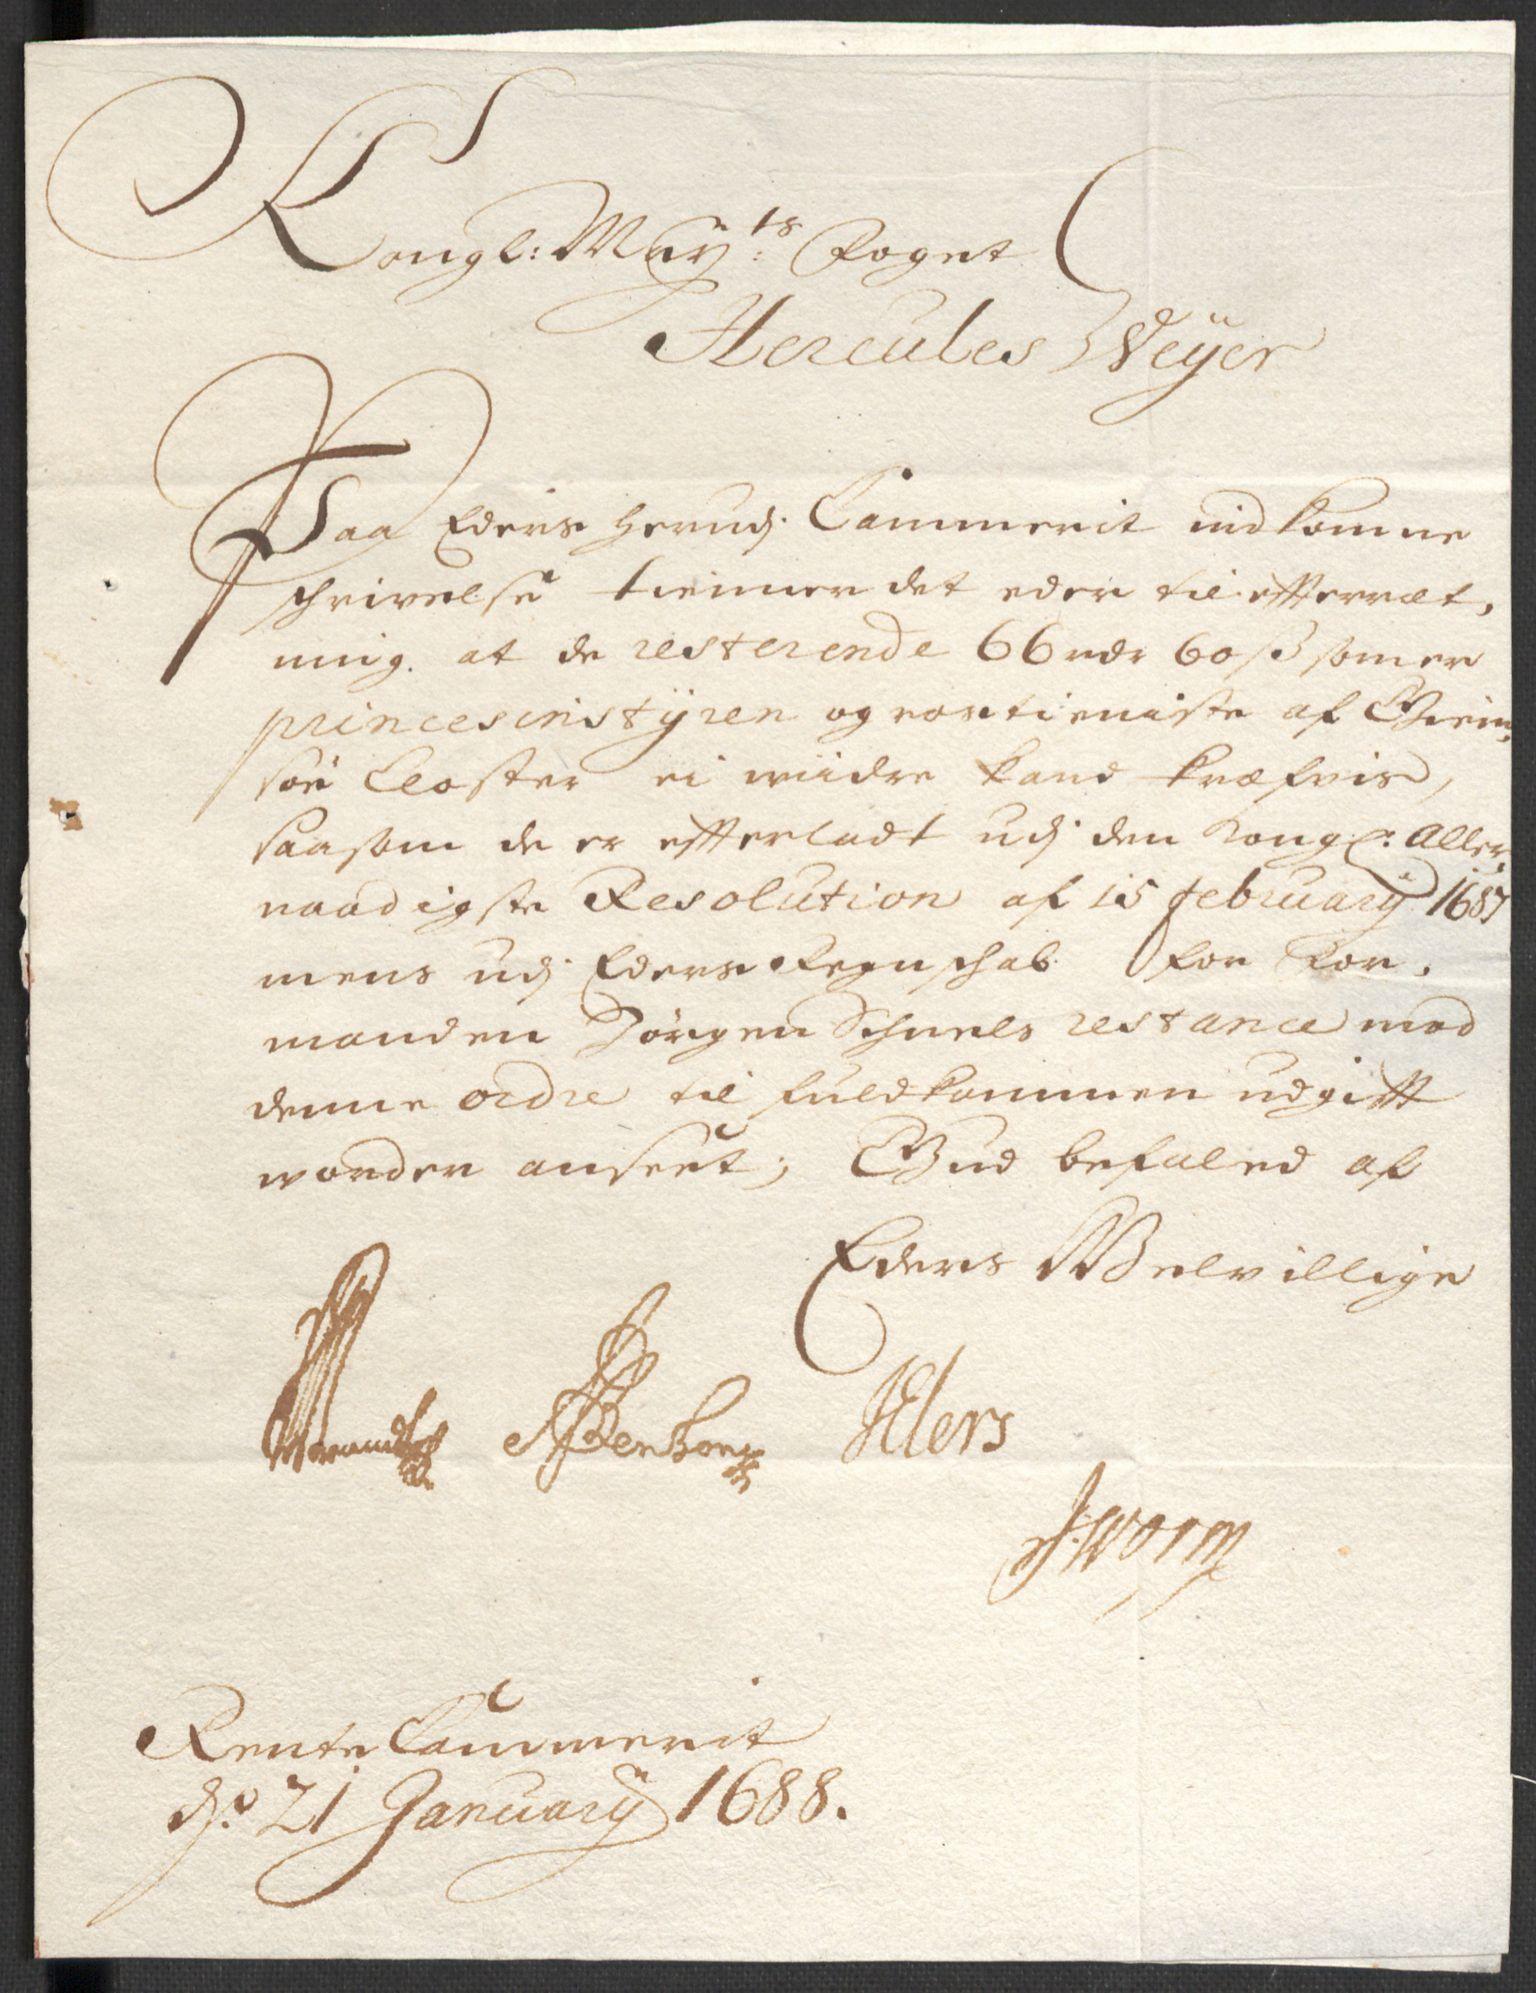 RA, Rentekammeret inntil 1814, Reviderte regnskaper, Fogderegnskap, R35/L2088: Fogderegnskap Øvre og Nedre Telemark, 1687-1689, s. 116